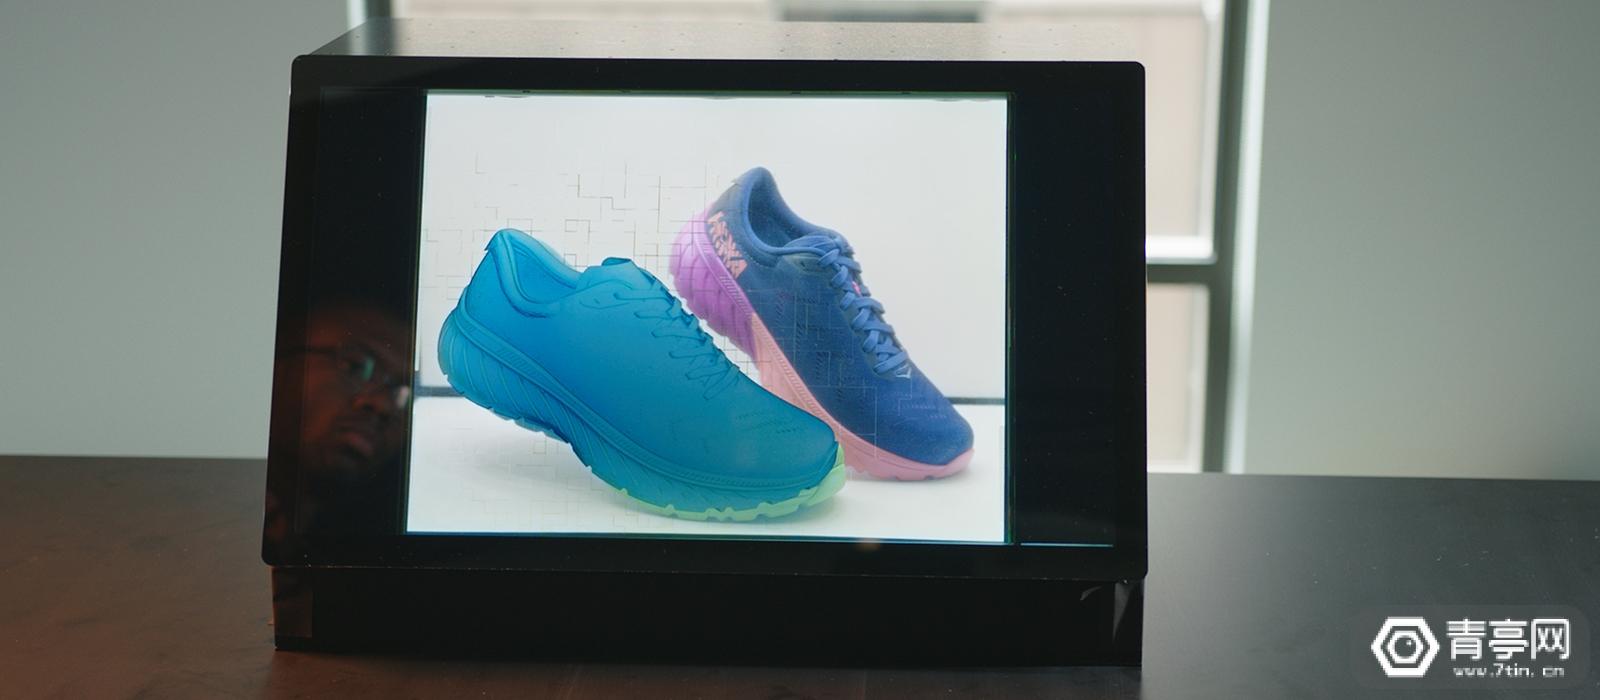 为展示3D设计,Adobe推AR显示屏:Glasswing